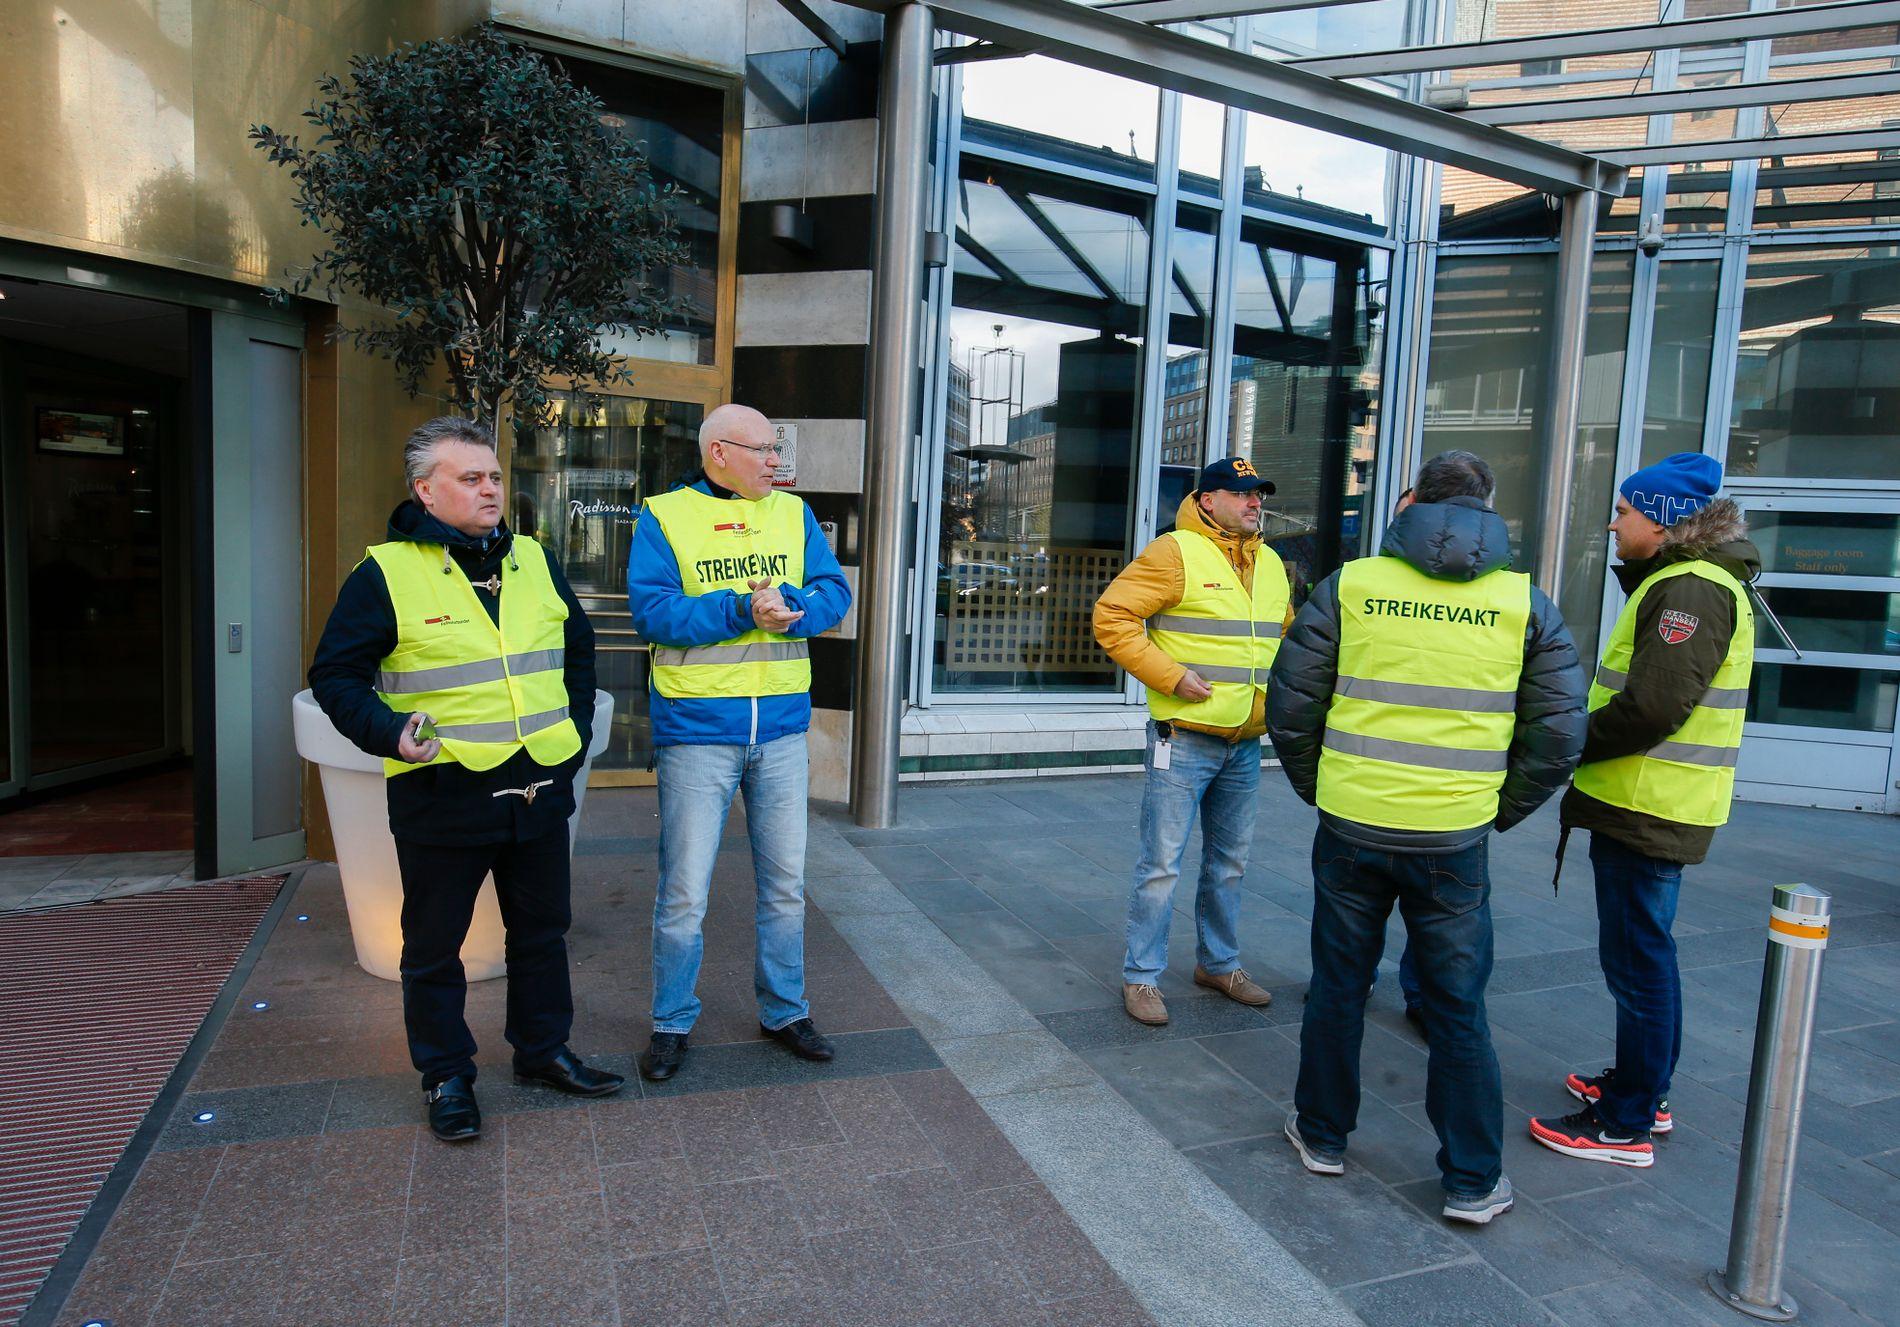 TRAPPER TROLIG OPP: Forbundsleder i Fellesforbundet Jørn Eggum (t.v.) sammen med streikevakter utenfor Radisson Blu Plaza hotel i Oslo.